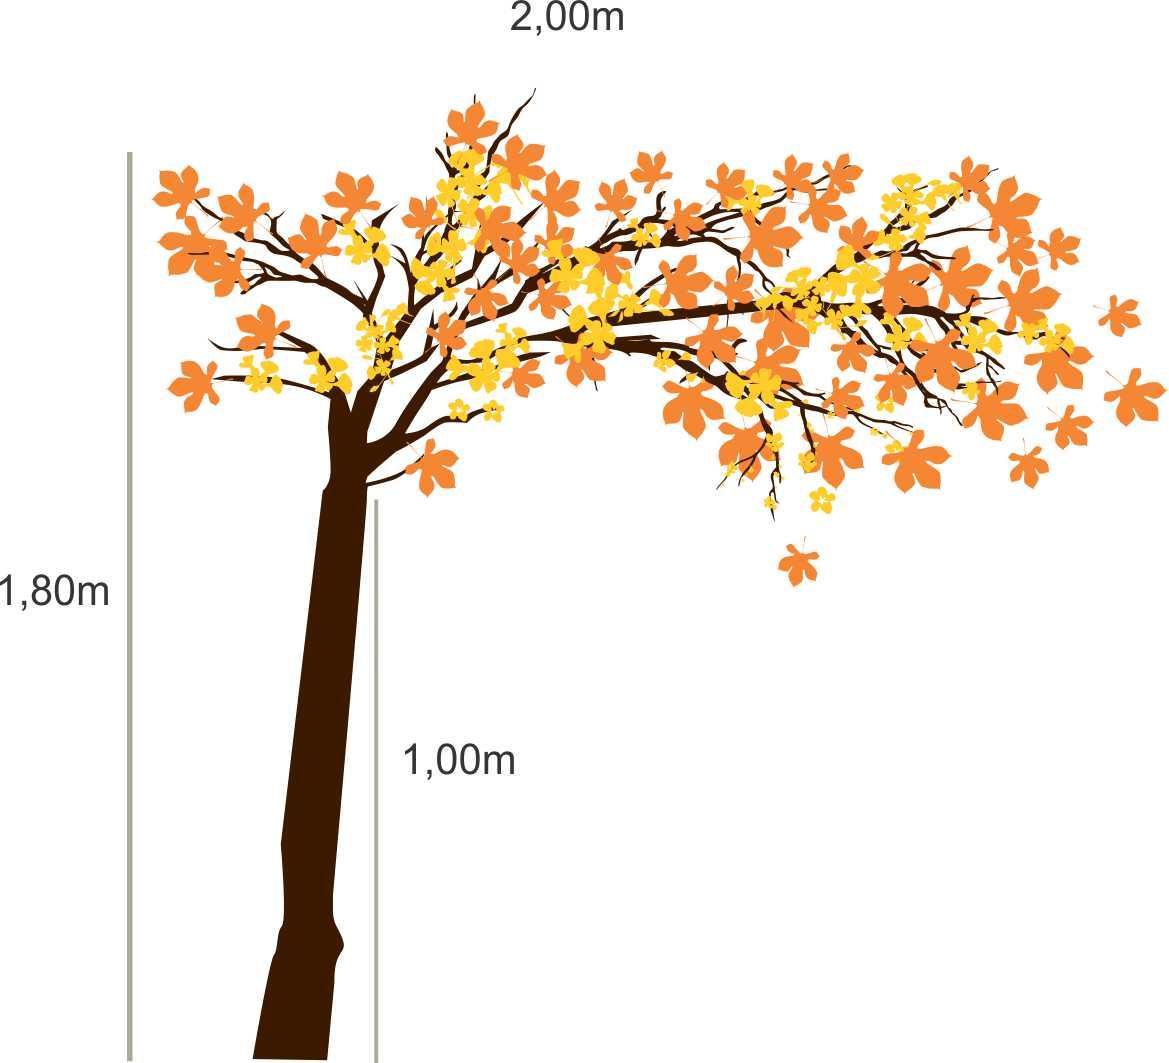 008 - Arvore  Adesivo Decorativo - Novas medidas Outono  - Fac Signs